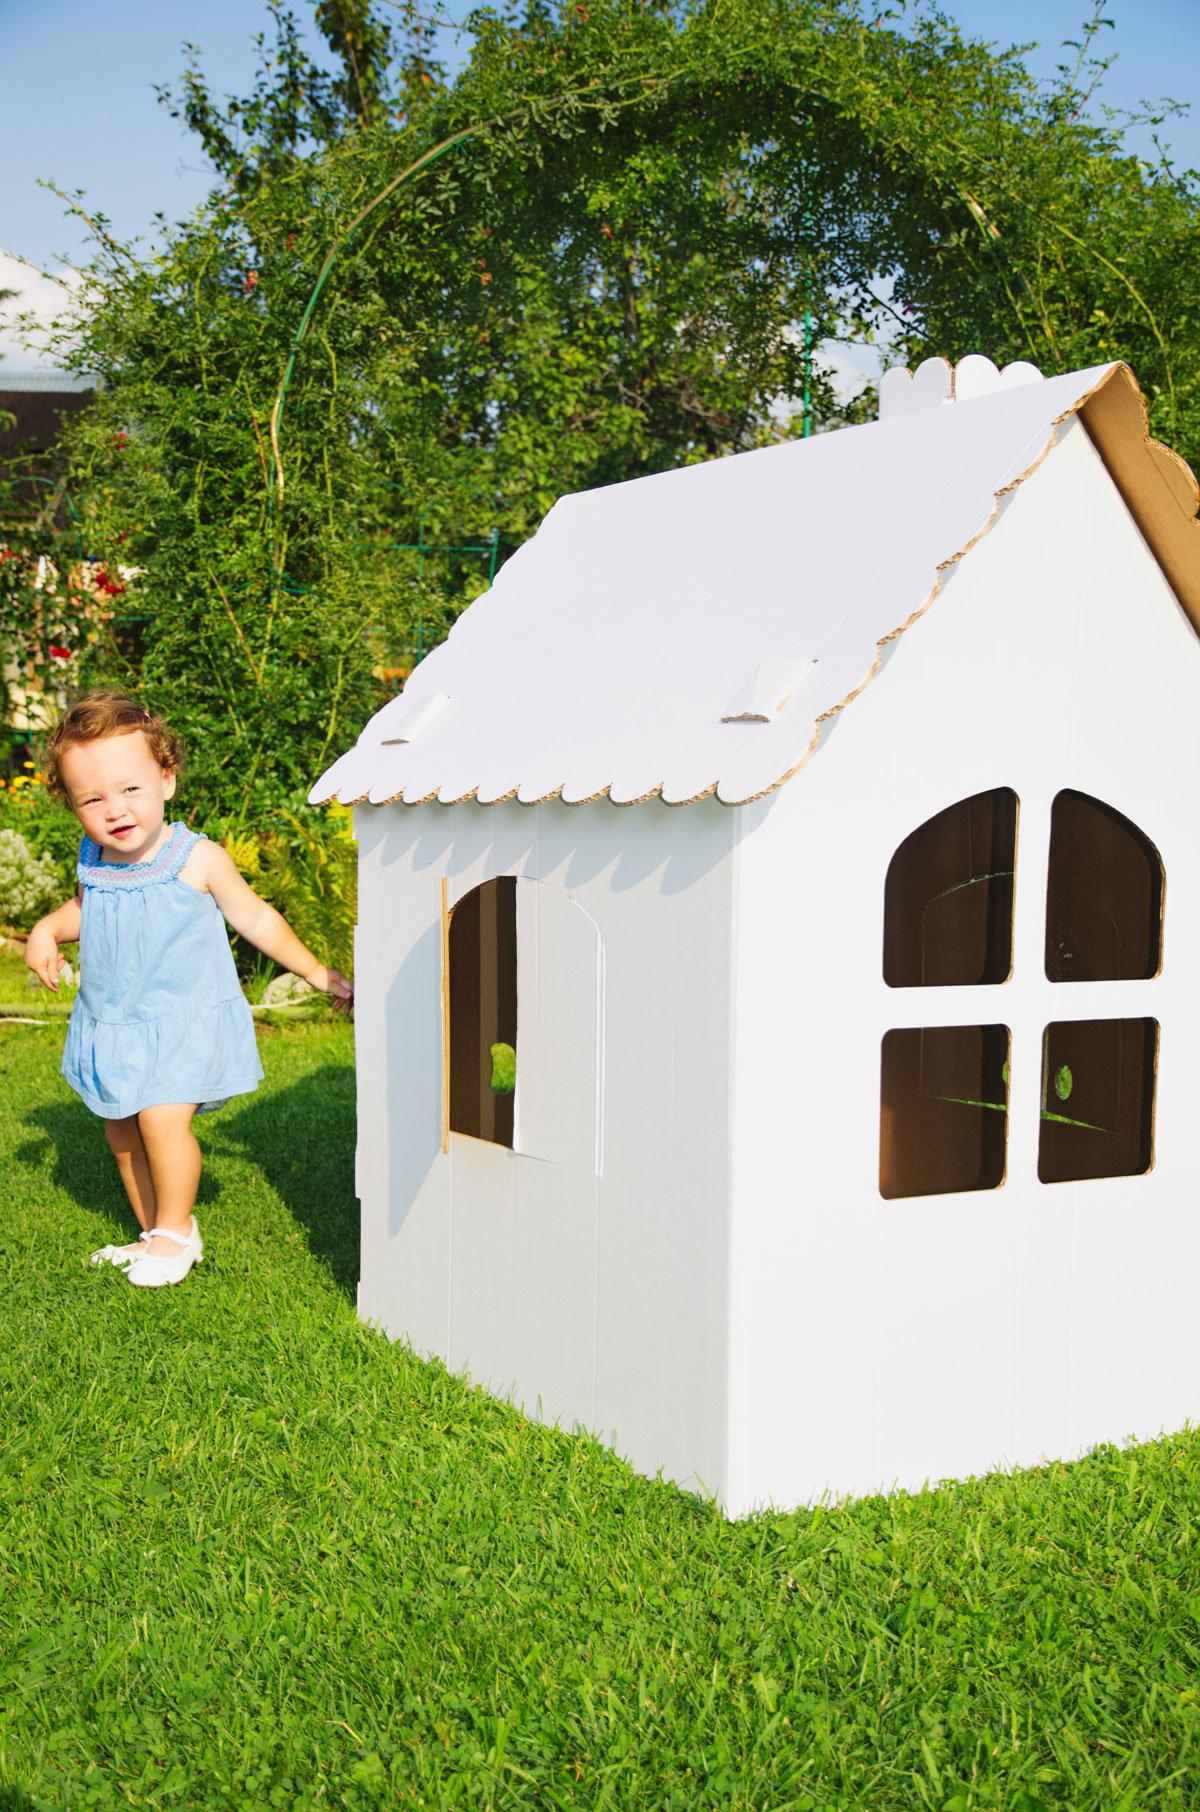 Дом для детей фото 2018